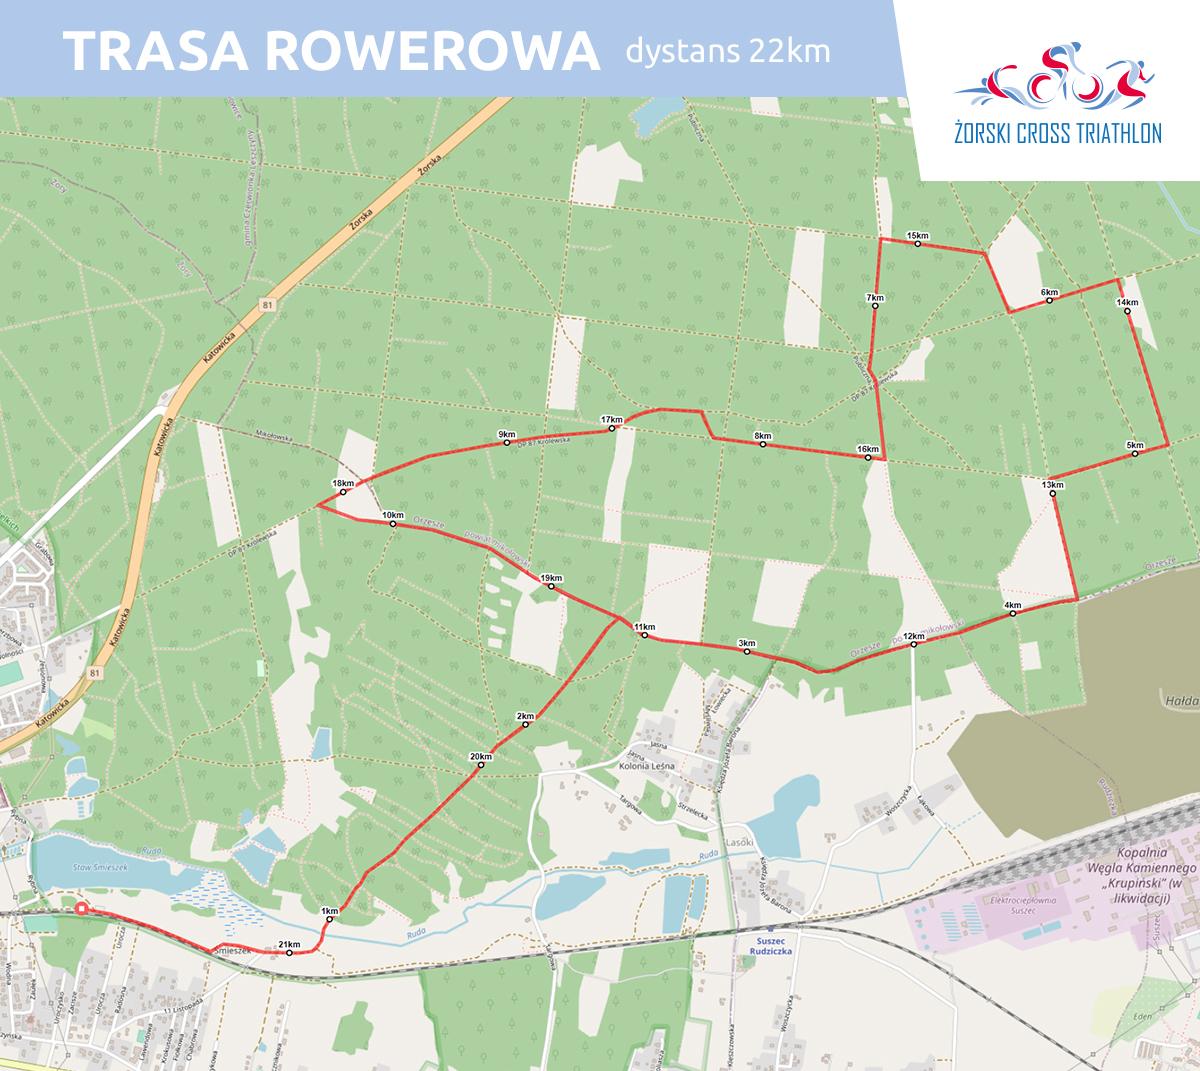 Grafika przedstawia mapę trasy rowerowej